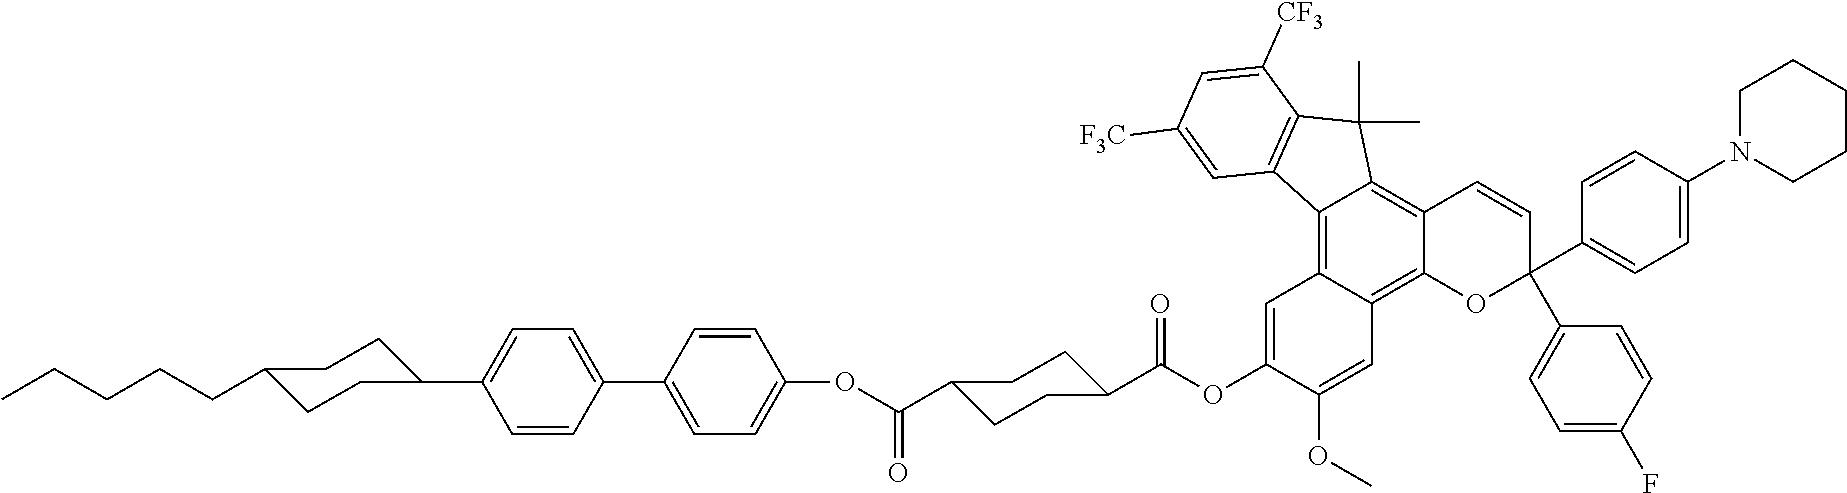 Figure US08518546-20130827-C00061